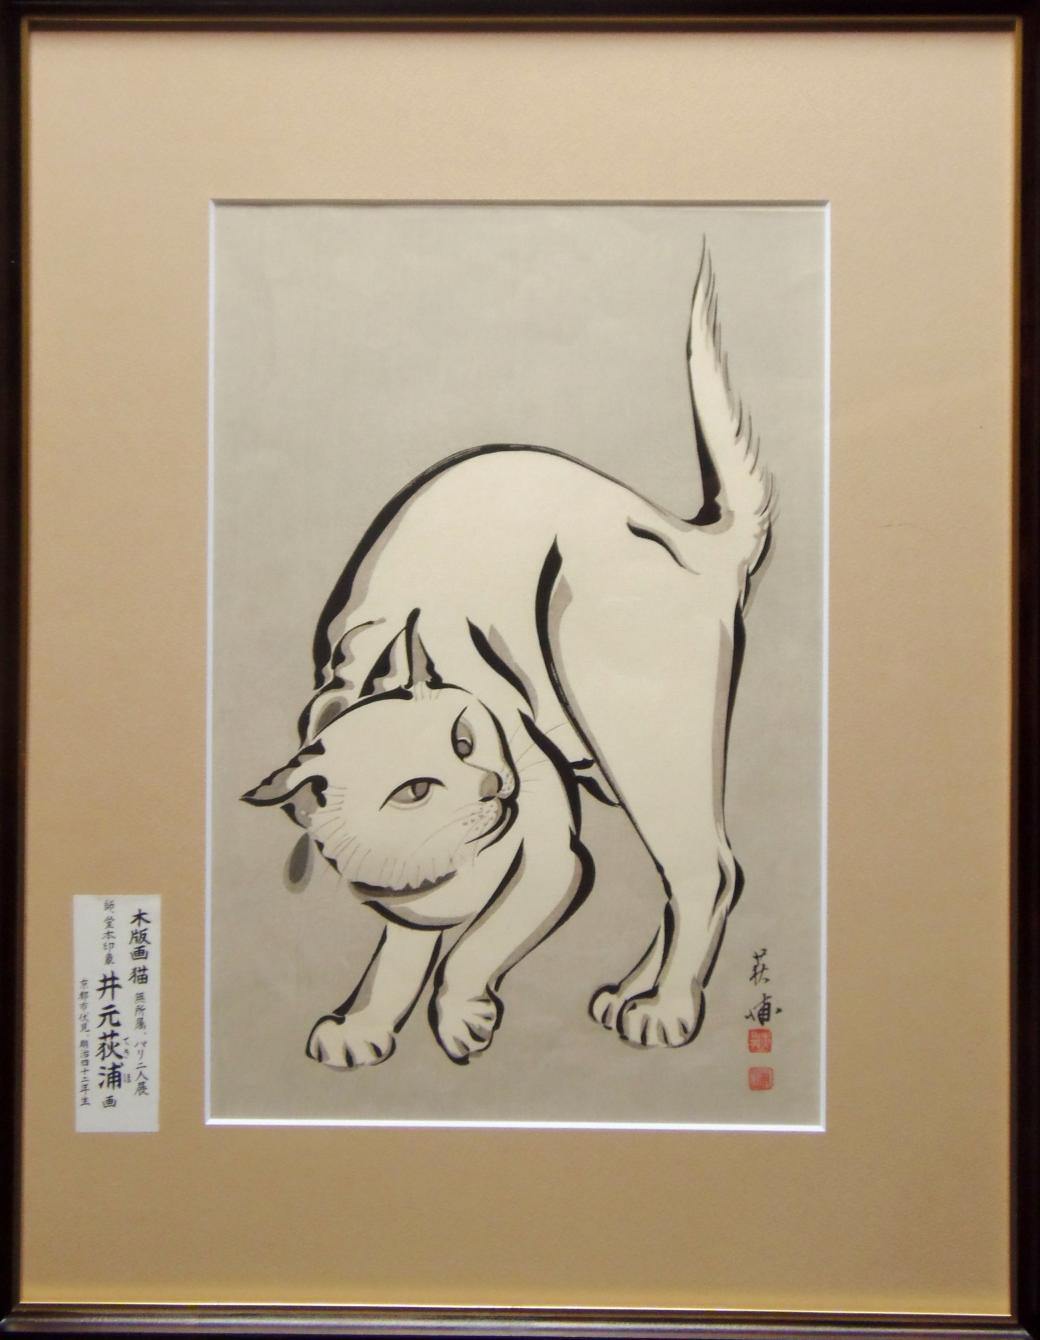 井元荻浦 木版画 猫